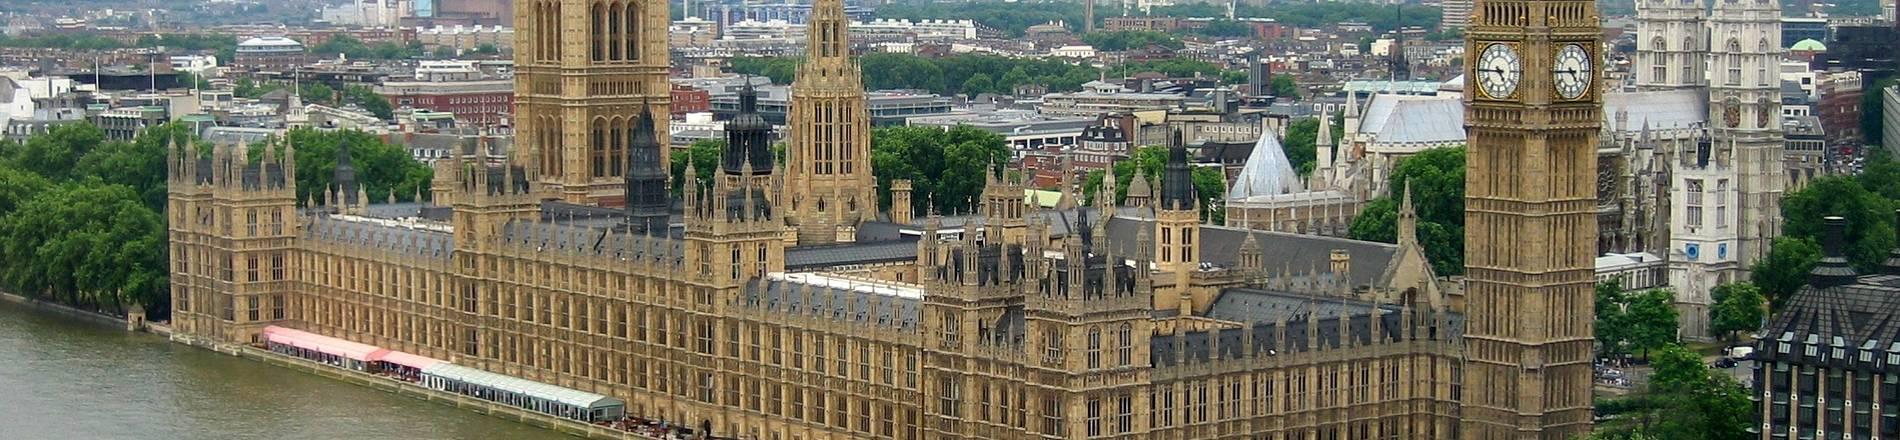 besplatna usluga upoznavanja u Londonu